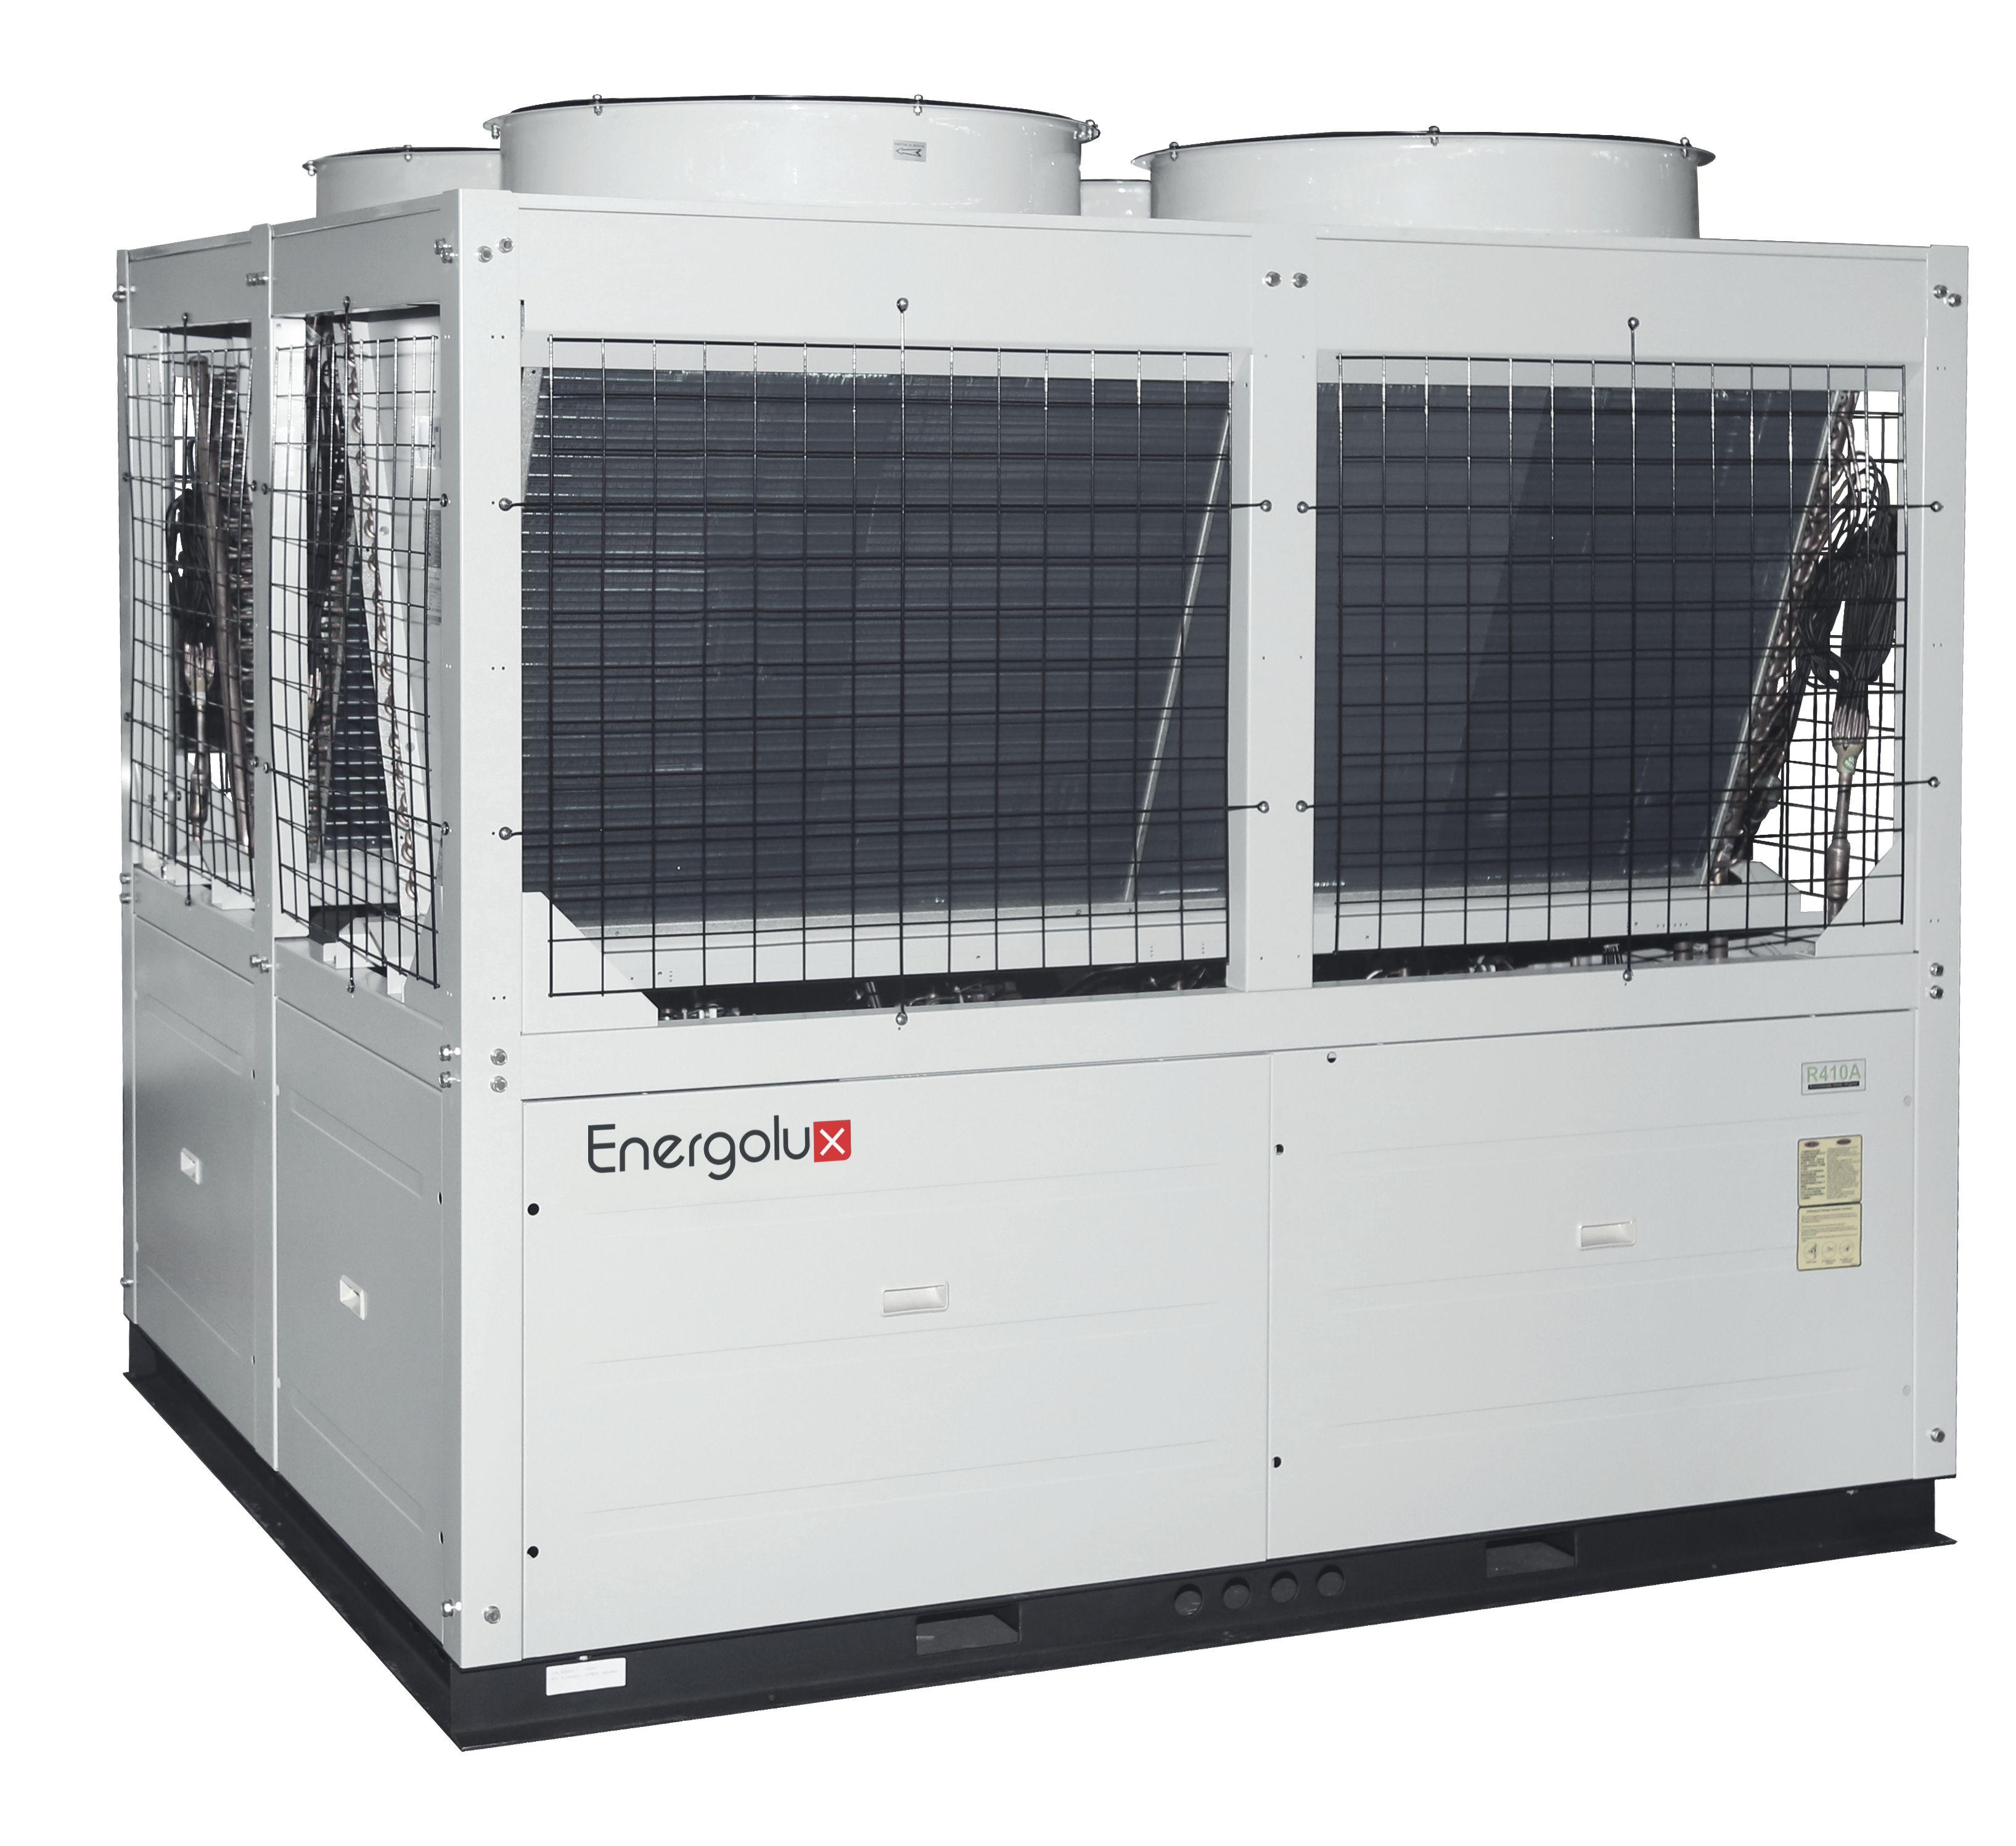 Energolux SCAW-M 440 ZHT